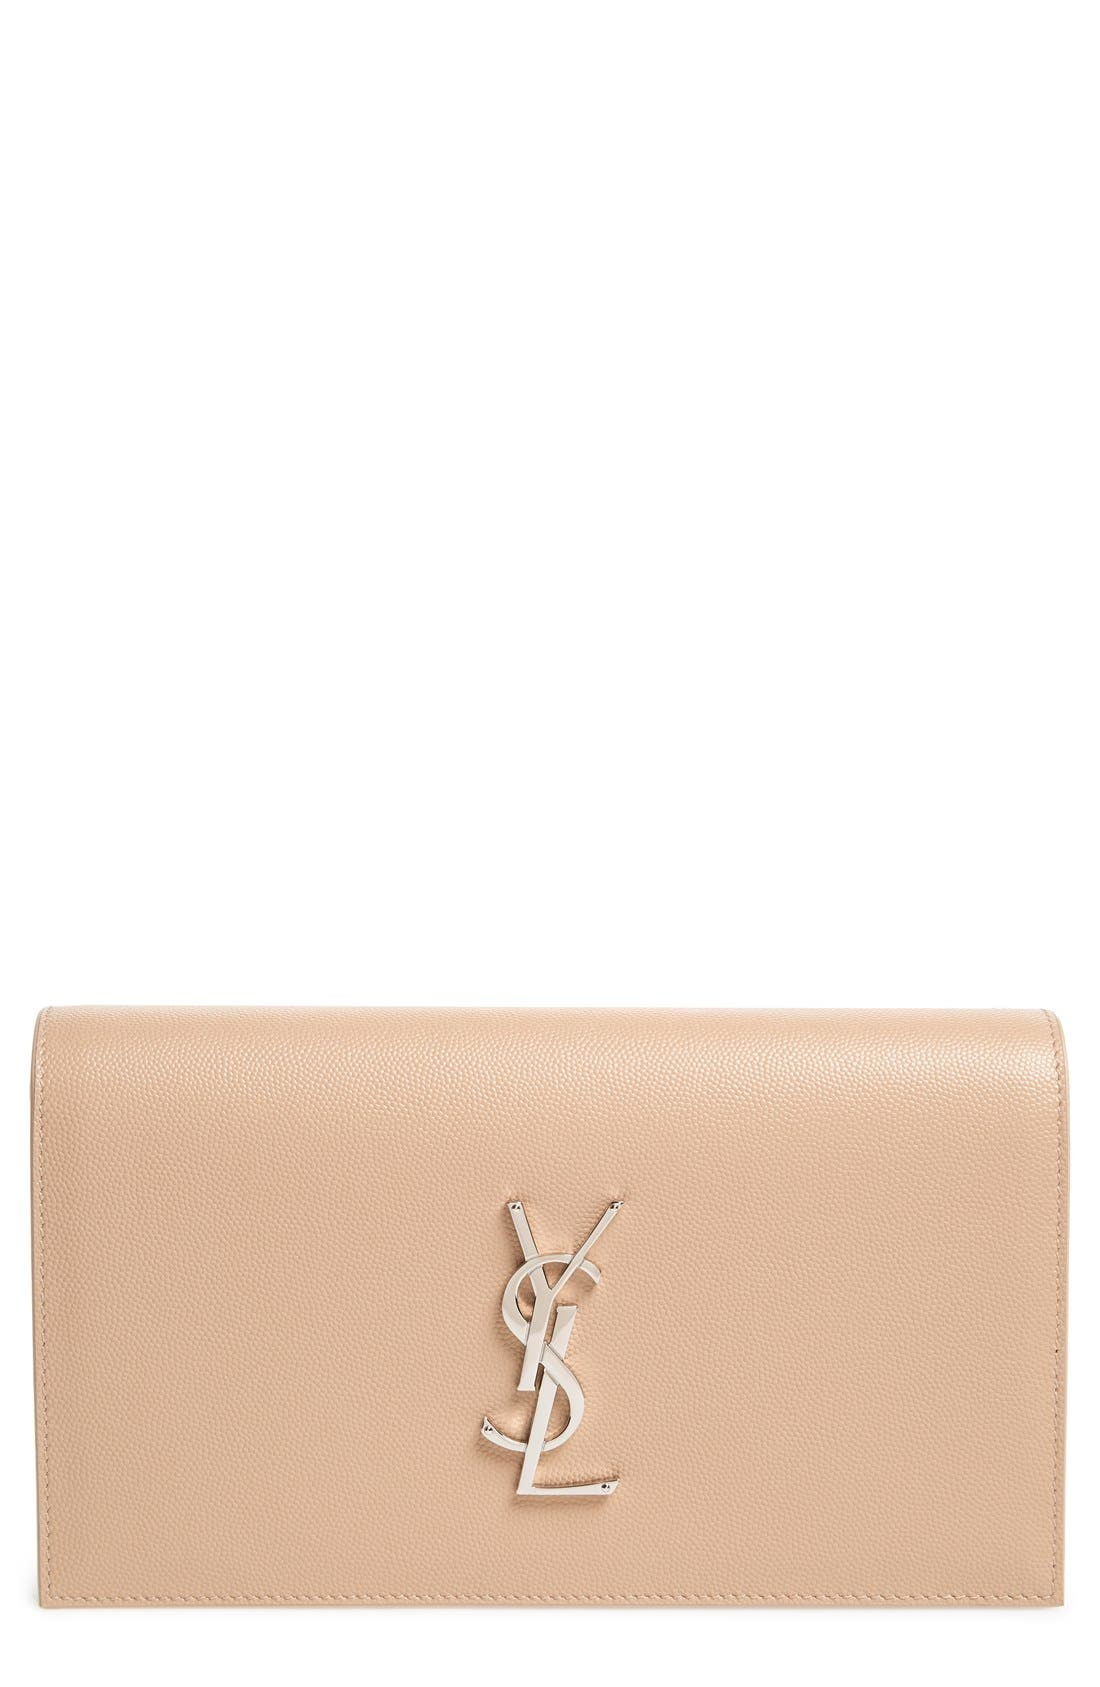 SAINT LAURENT 'Monogram' Leather Clutch, Main, color, 250